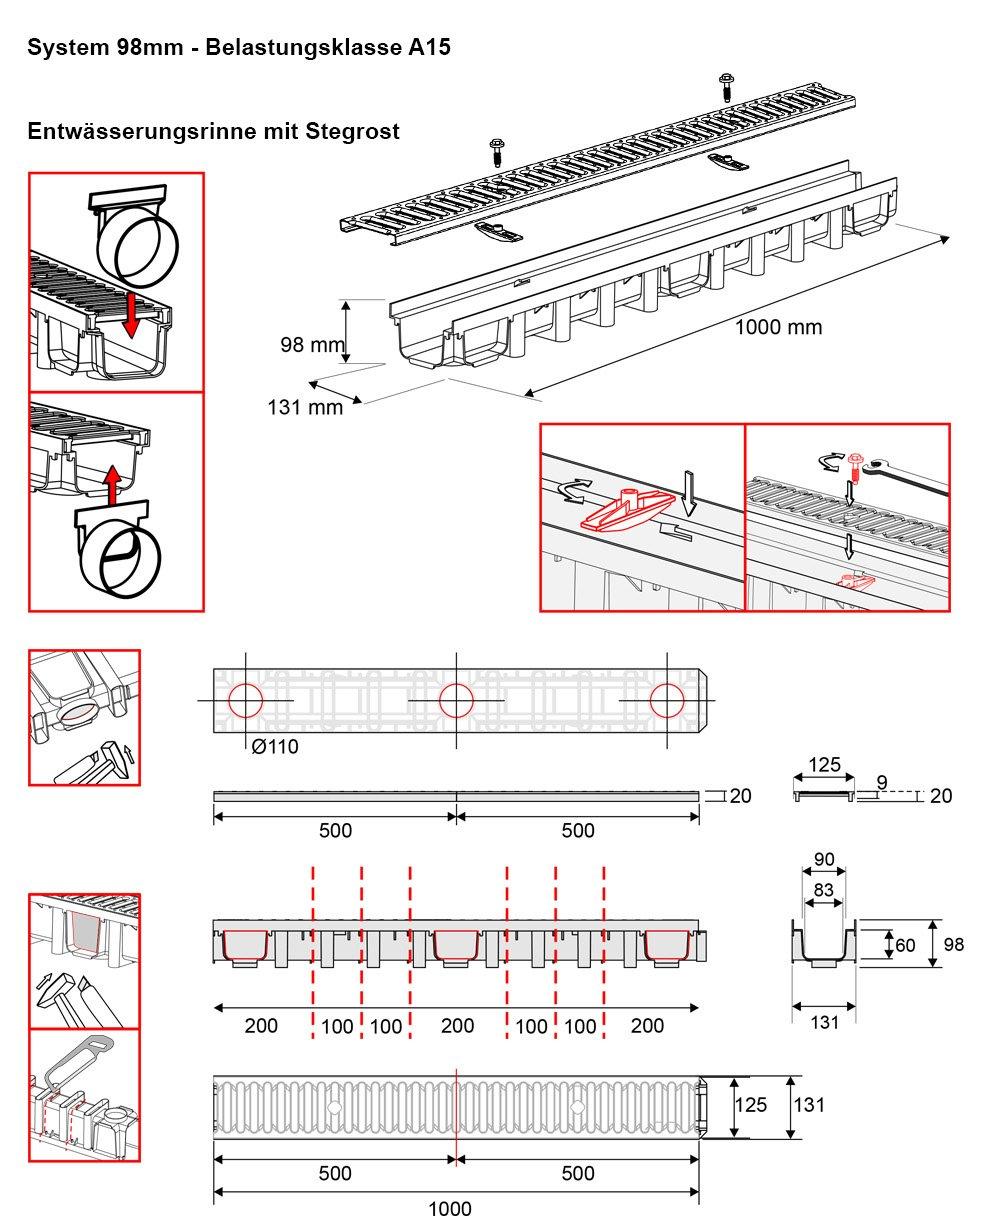 komplett Stegrost Kunststoff Schwarz Line 7m Entw/ässerungsrinne f/ür modulares System A15 98mm